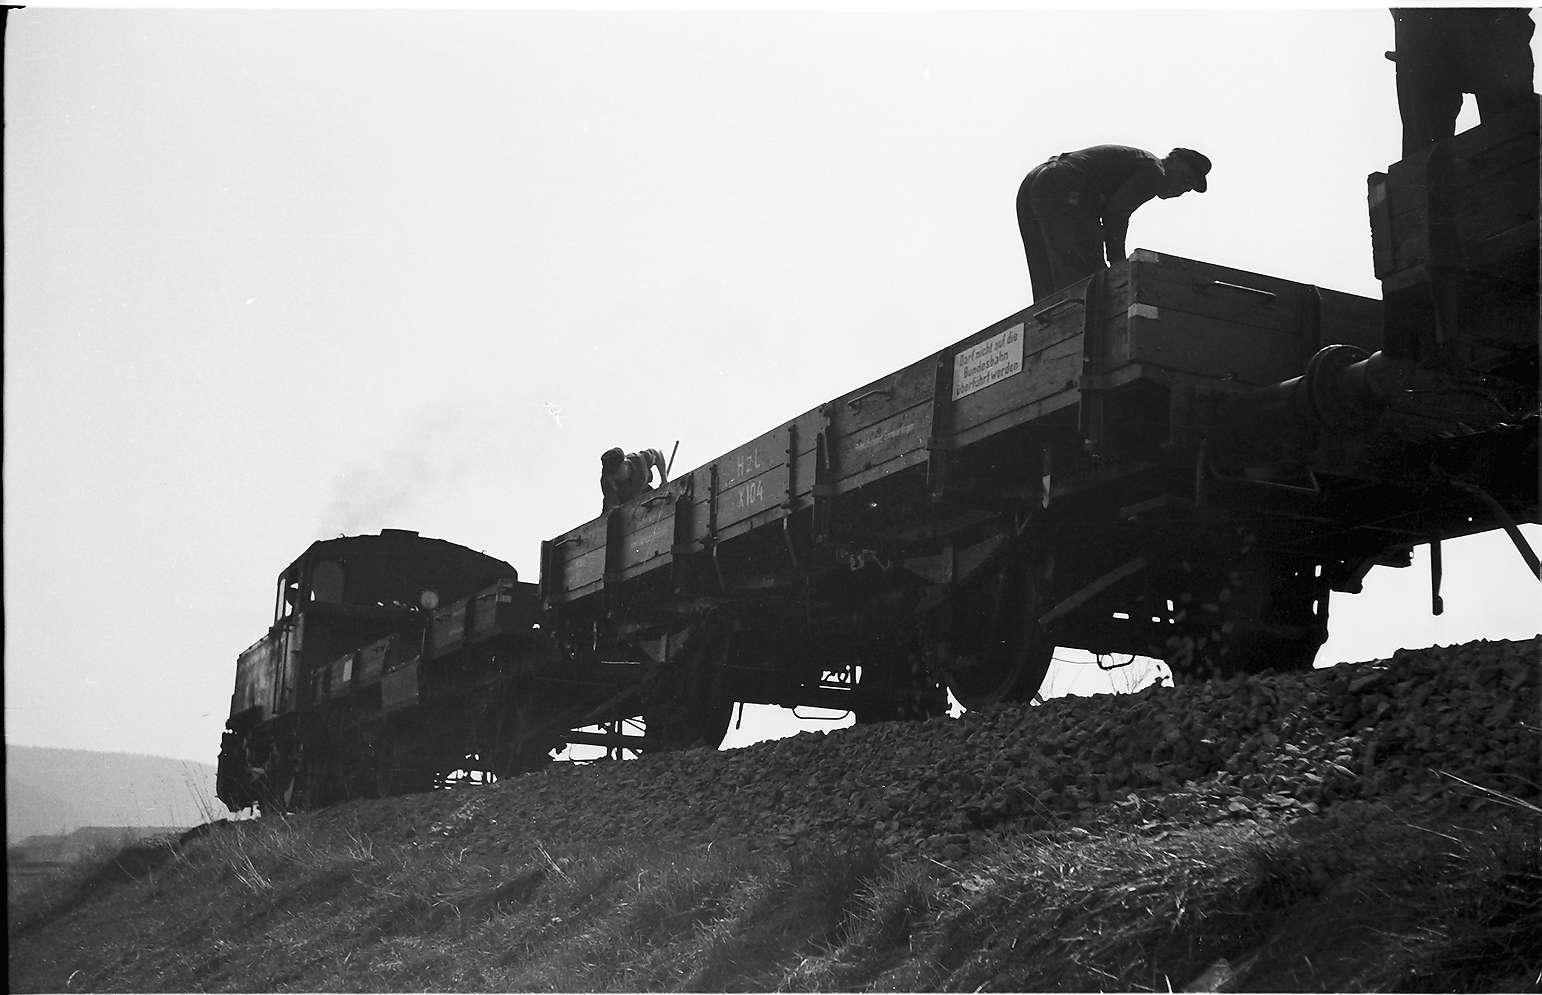 Lok 16, Az 405 Baustelle Rangendingen, alte Niederbordwagen mit Holzaufbau, genannt X-Wagen, benutzt bis 1975, dann stärkere K-Wagen altgebraucht erworben, Bild 1